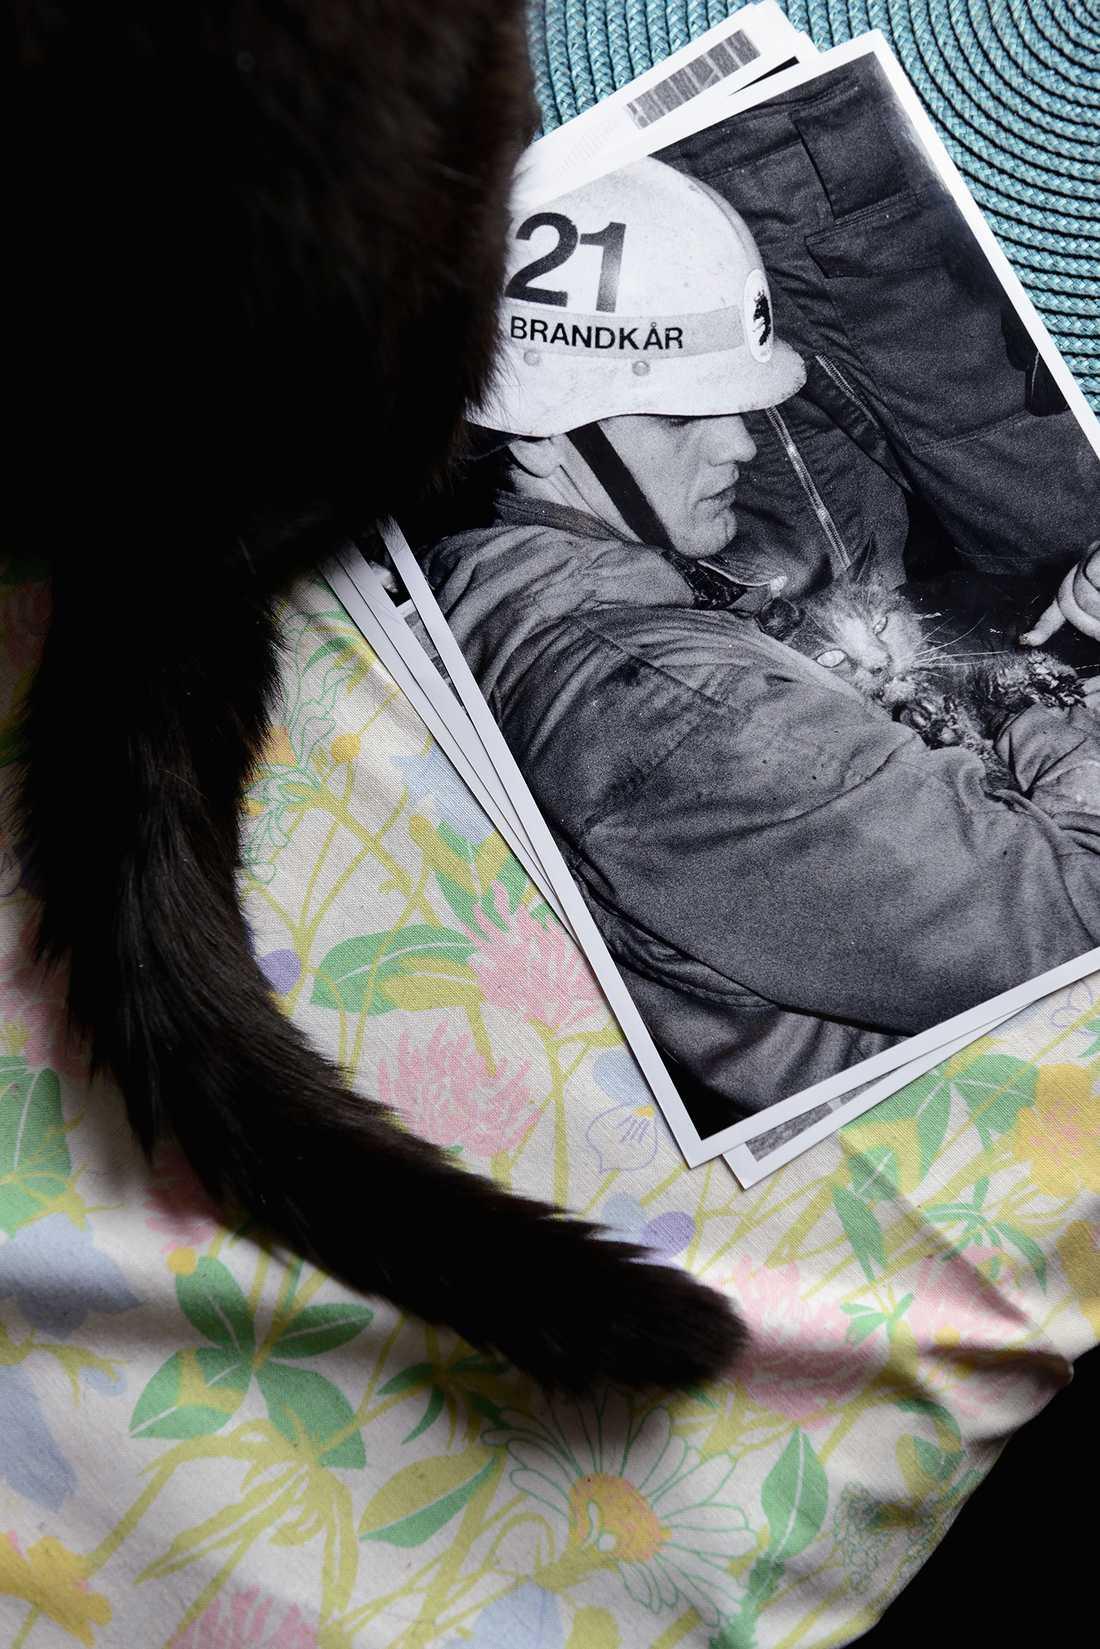 På bilden syns en annan katt, Zack, som Mats också har räddat ur en brand.